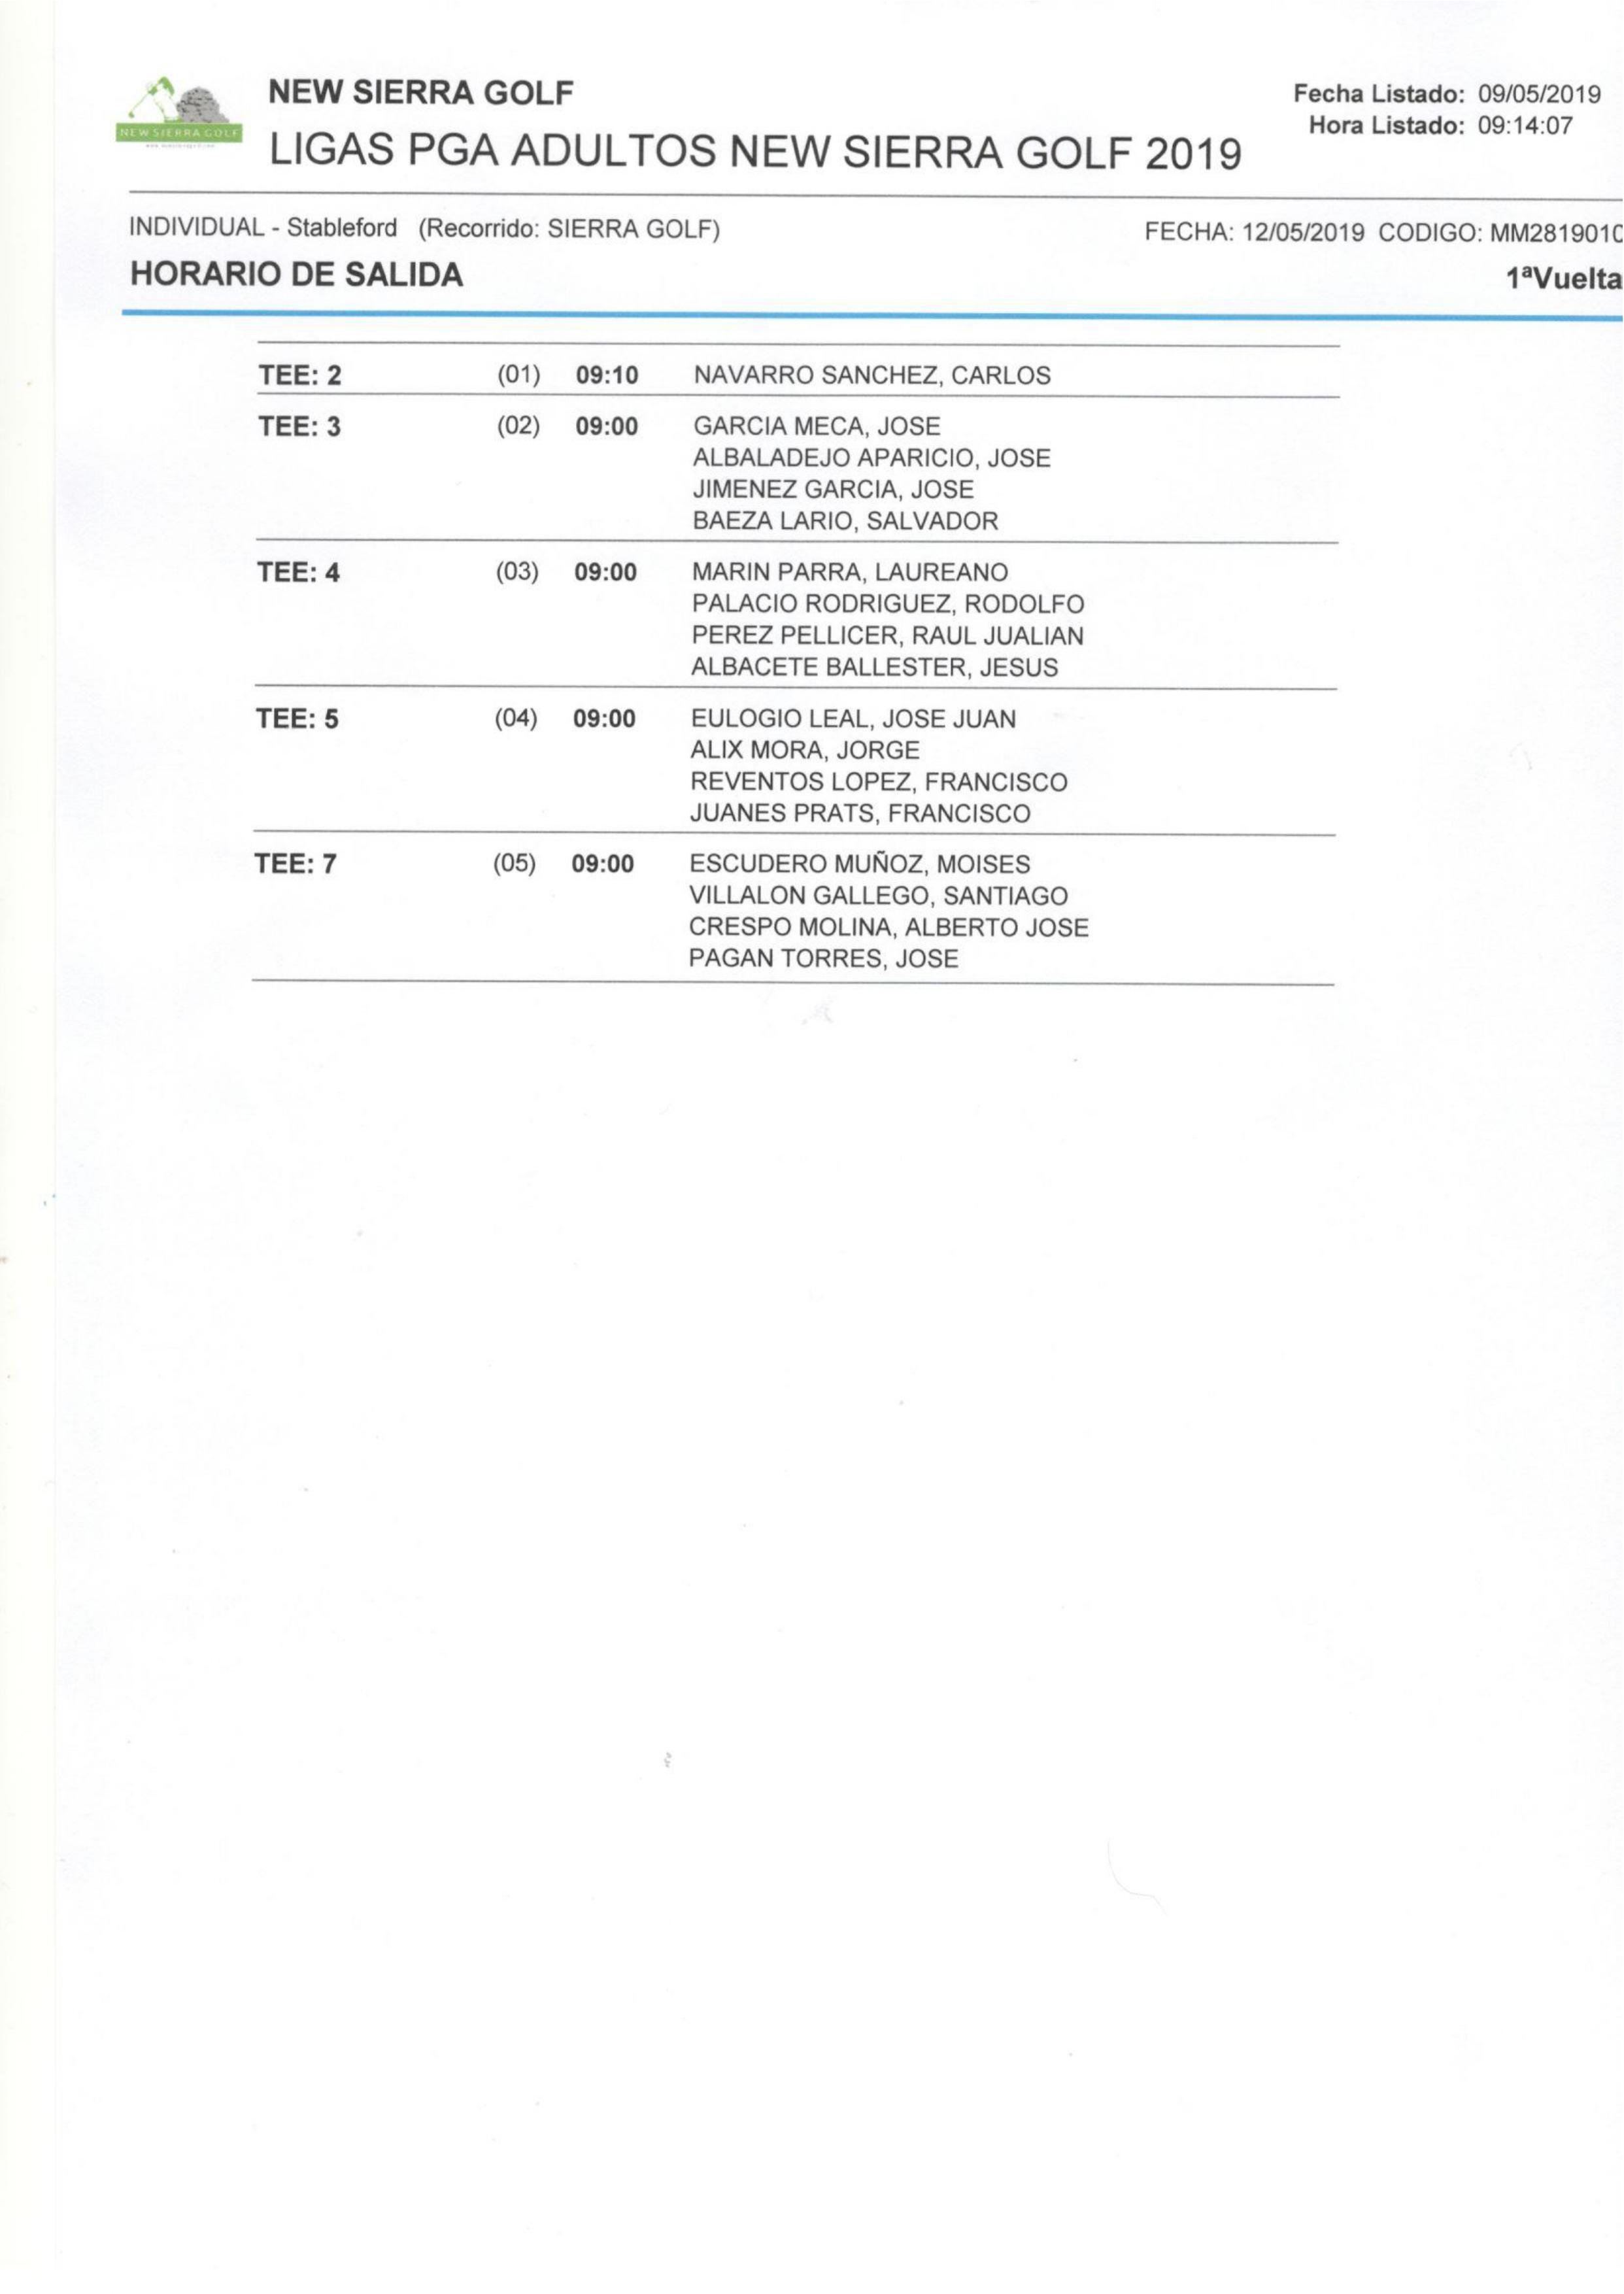 190512 NSG, Horario de salidas (1)